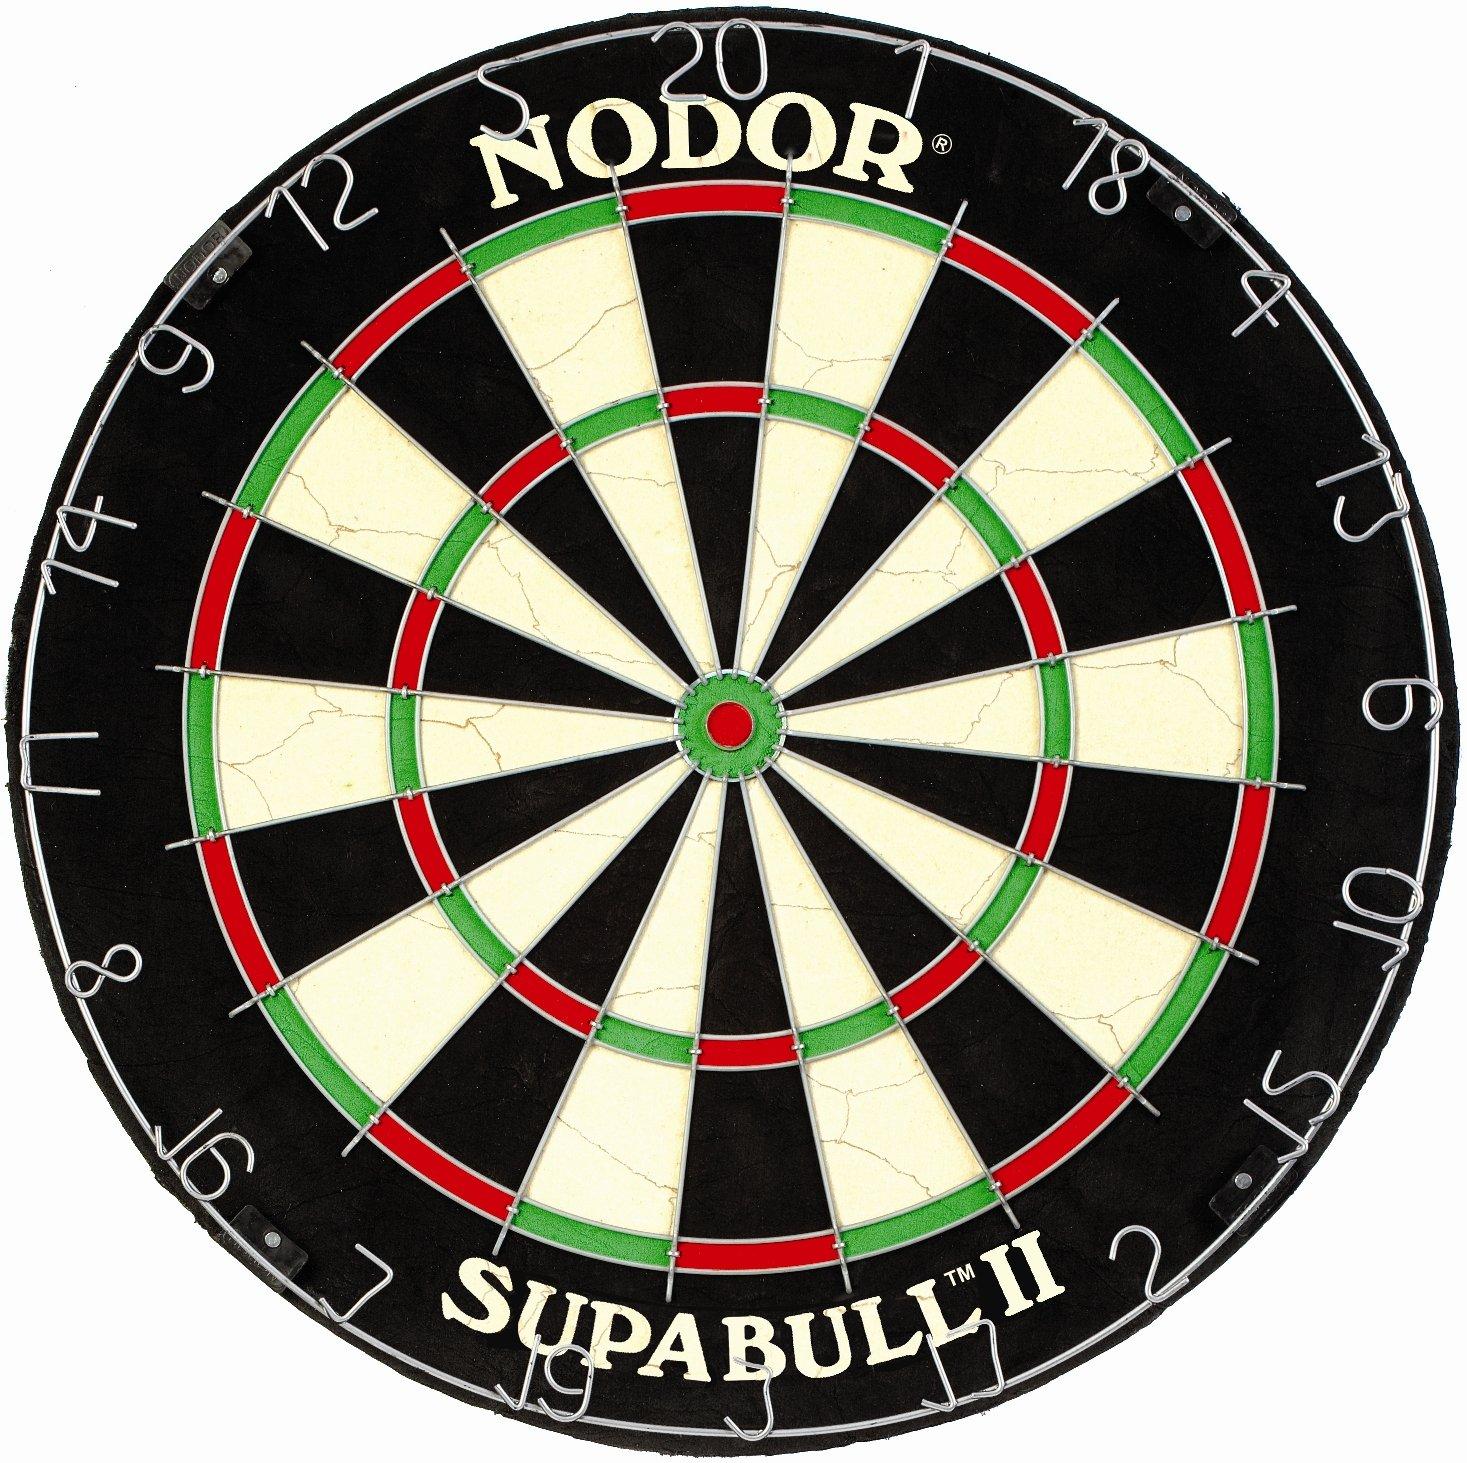 Nodor Supabull II Bristle Dartscheibe